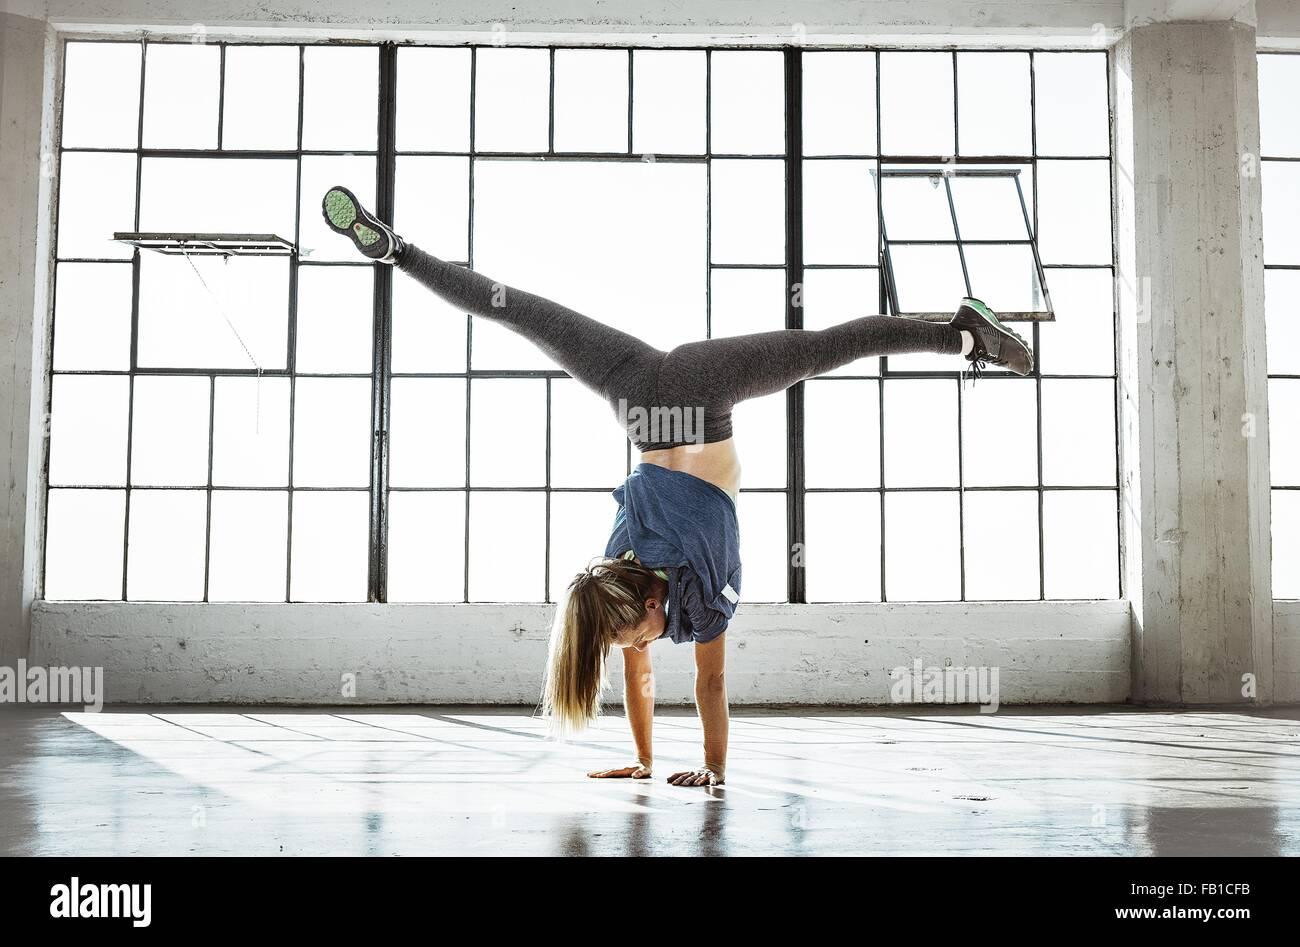 Vista trasera de la mujer joven en el gimnasio haciendo pino, las piernas abiertas Imagen De Stock